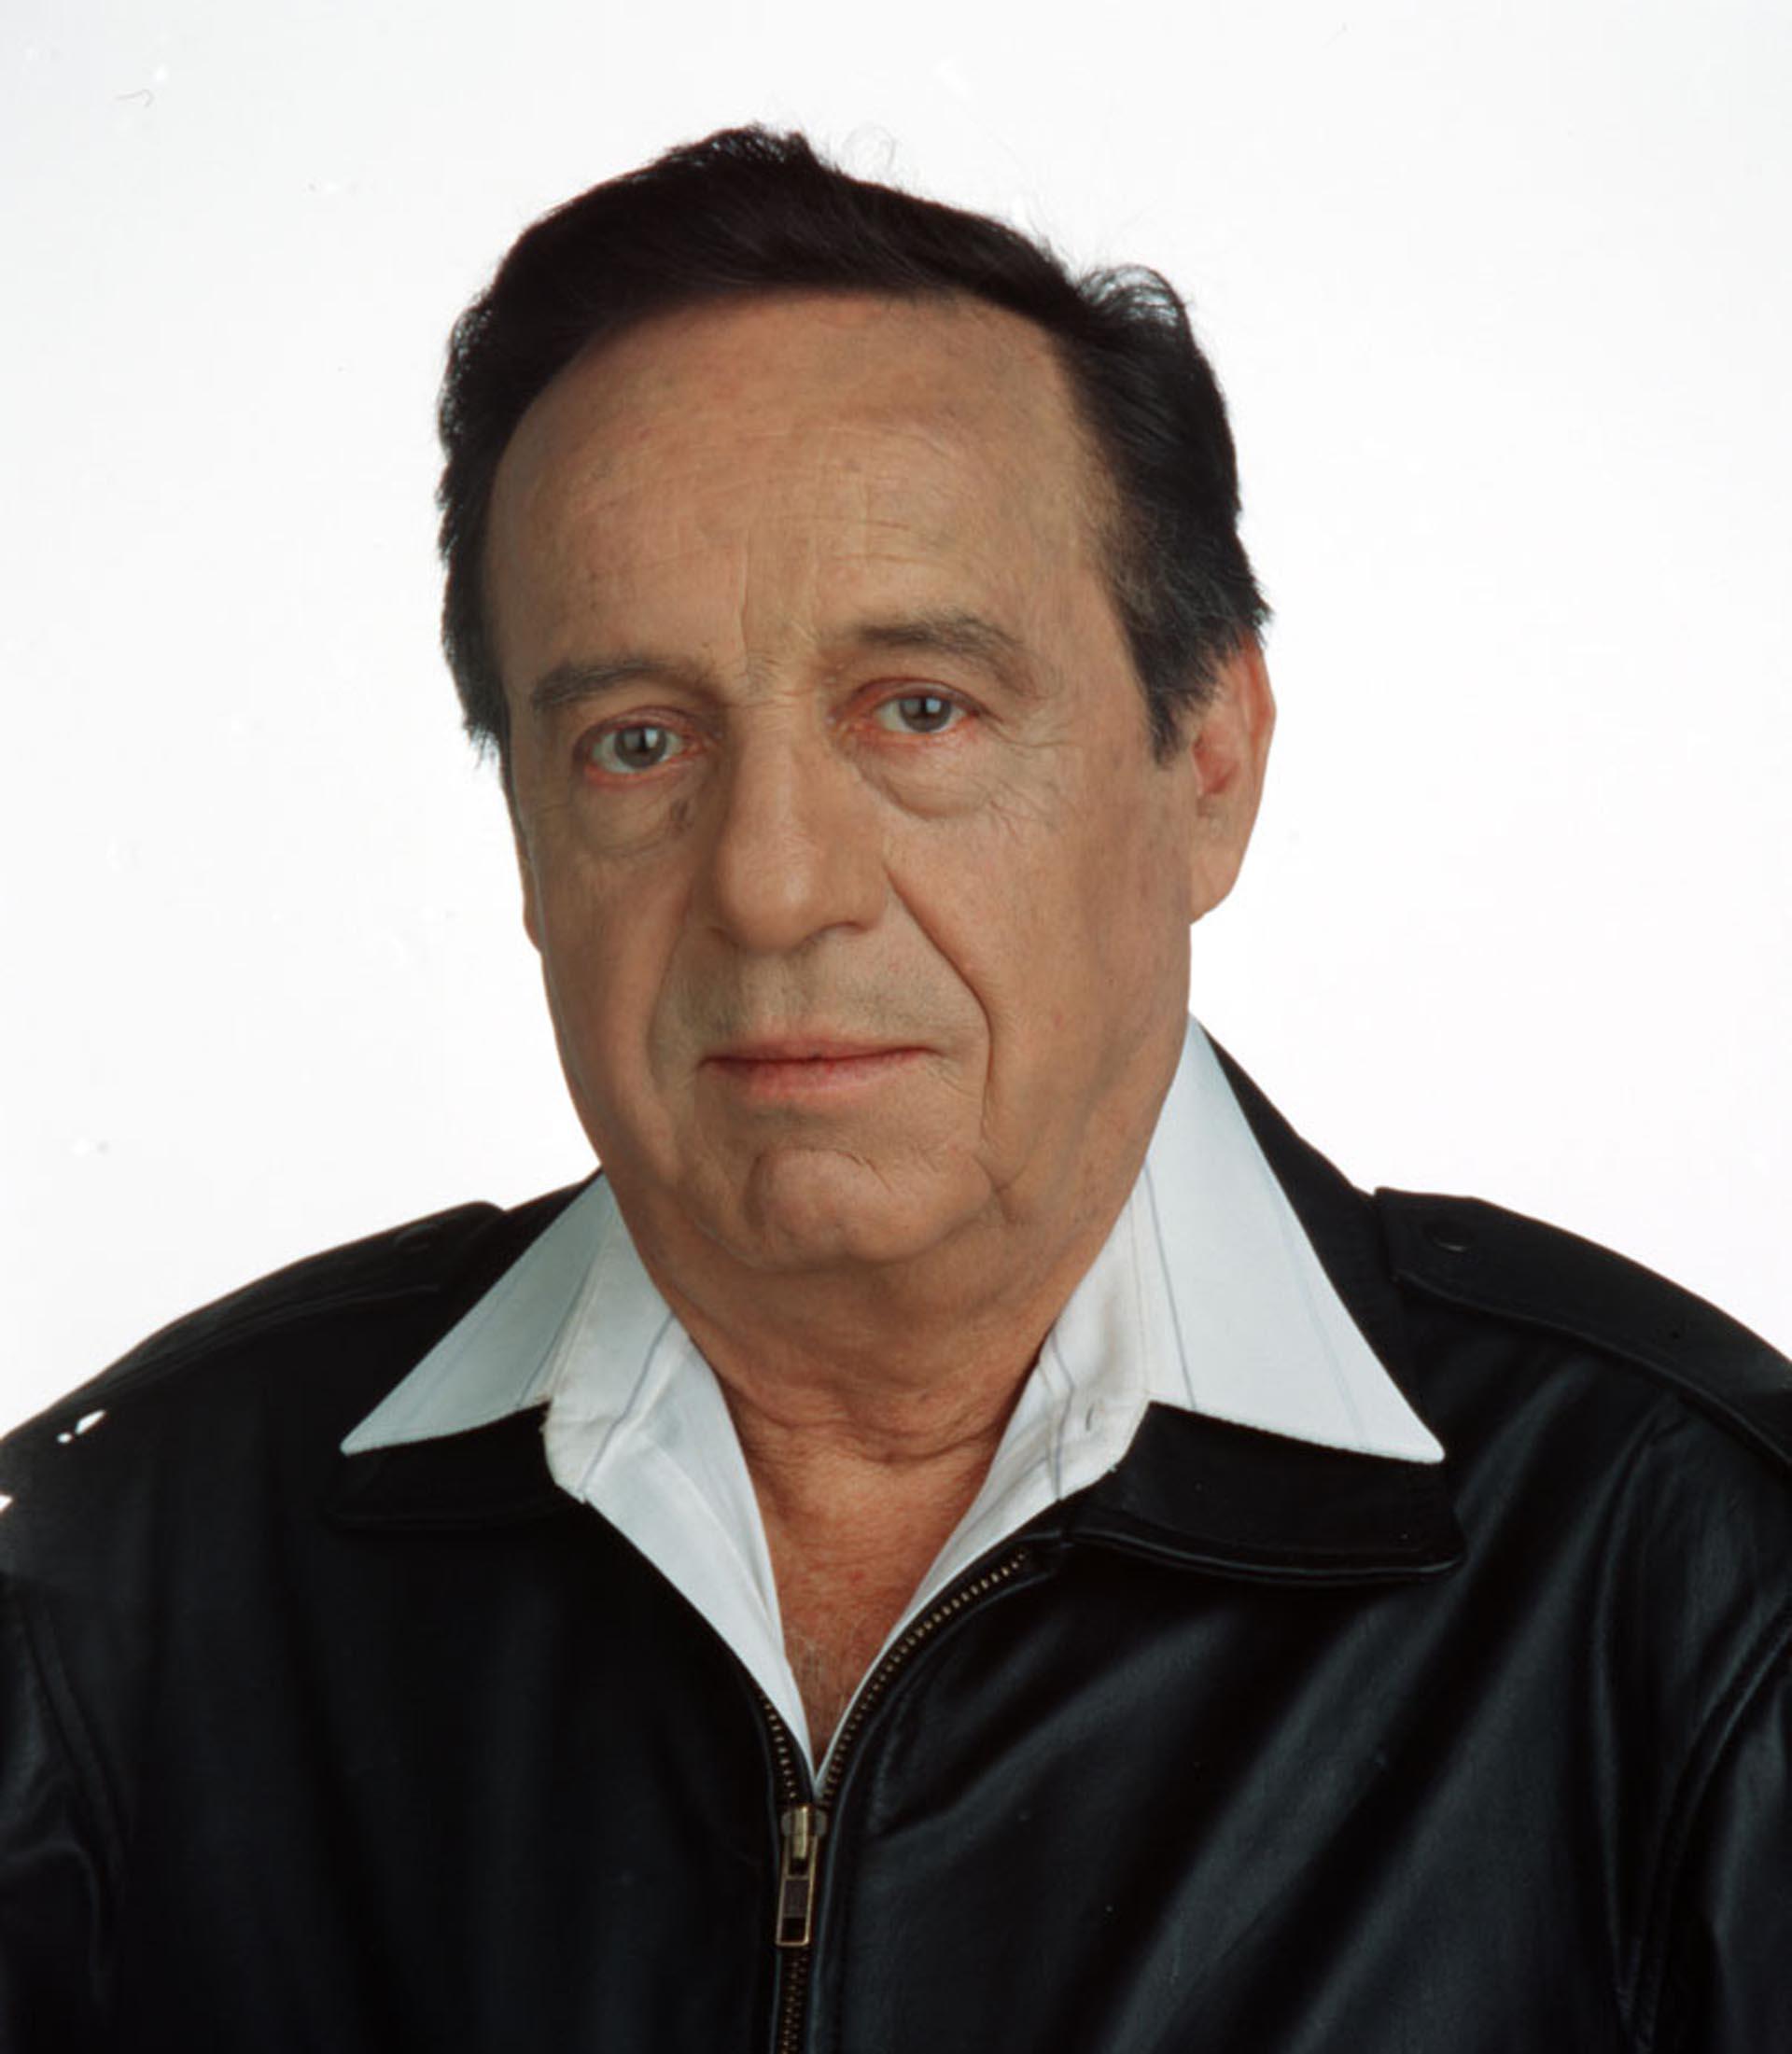 Chespirito, creador de El Chavo, El Chapulín y otros personajes, falleció en noviembre del año pasado